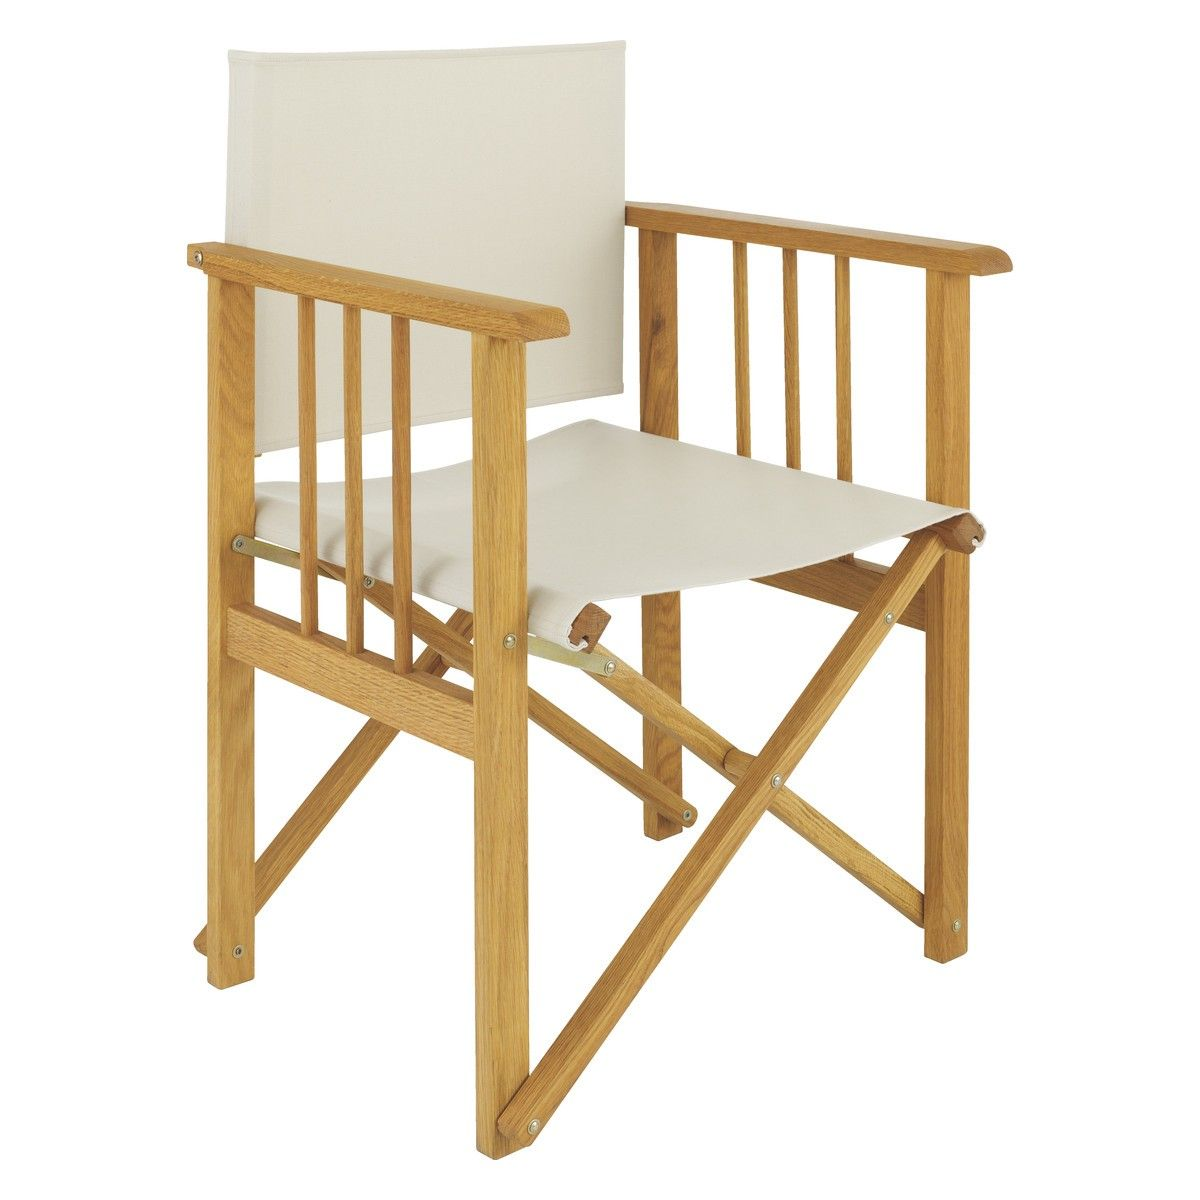 Beautiful AFRICA Oak Directors Chair Frame | Buy Now At Habitat UK